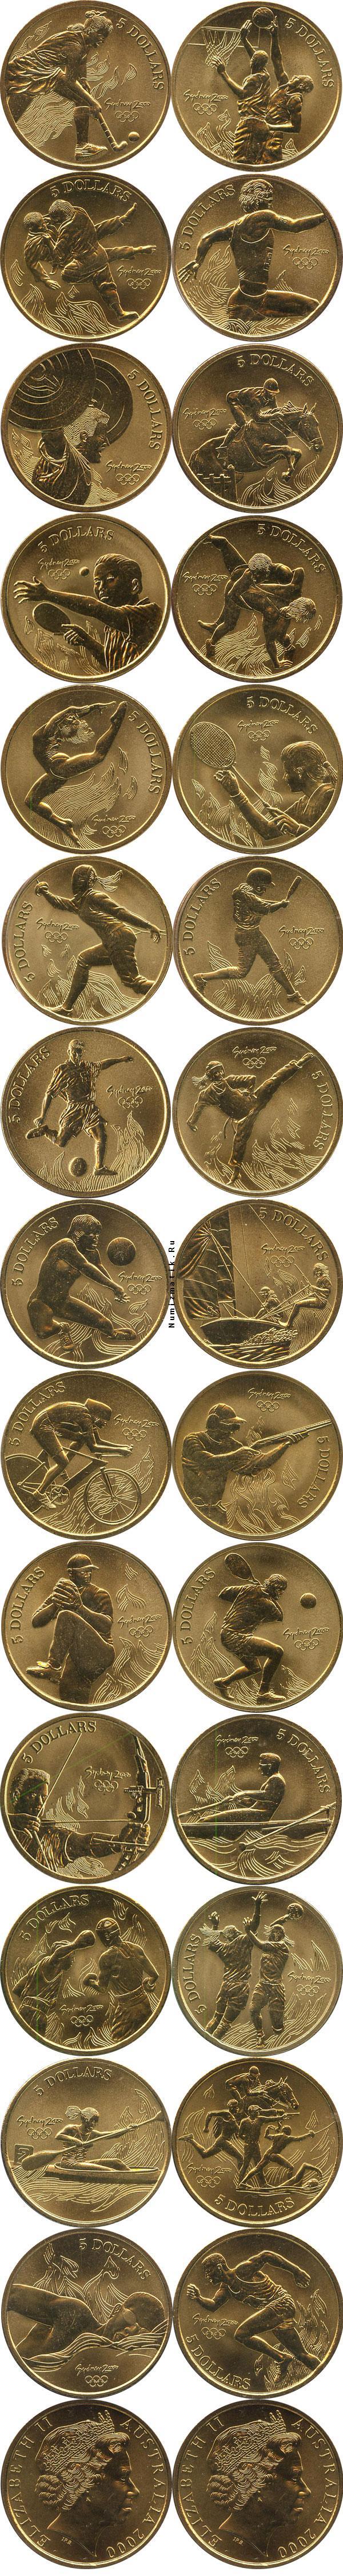 Каталог монет - Австралия Олимпийские игры